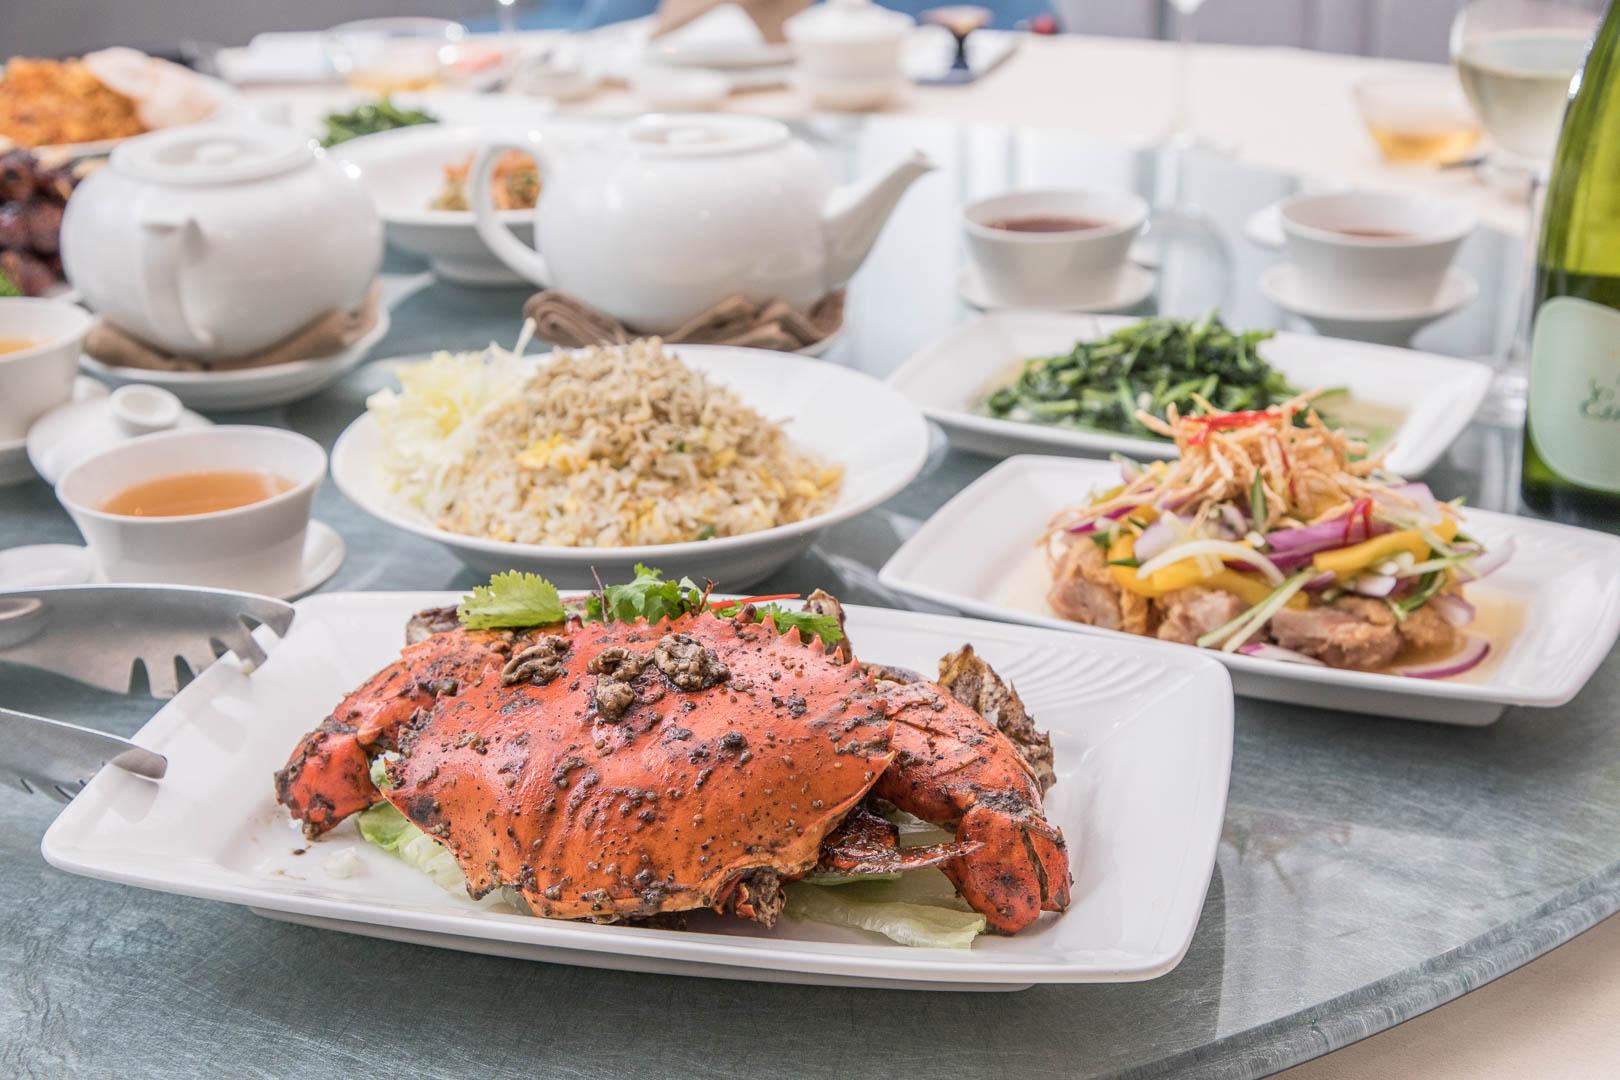 [台北信義]免飛新加坡!超人氣珍寶海鮮台北吃的到,地表最強沙公料理每隻只要1480元!珍寶海鮮 JUMBO SEA FOOD